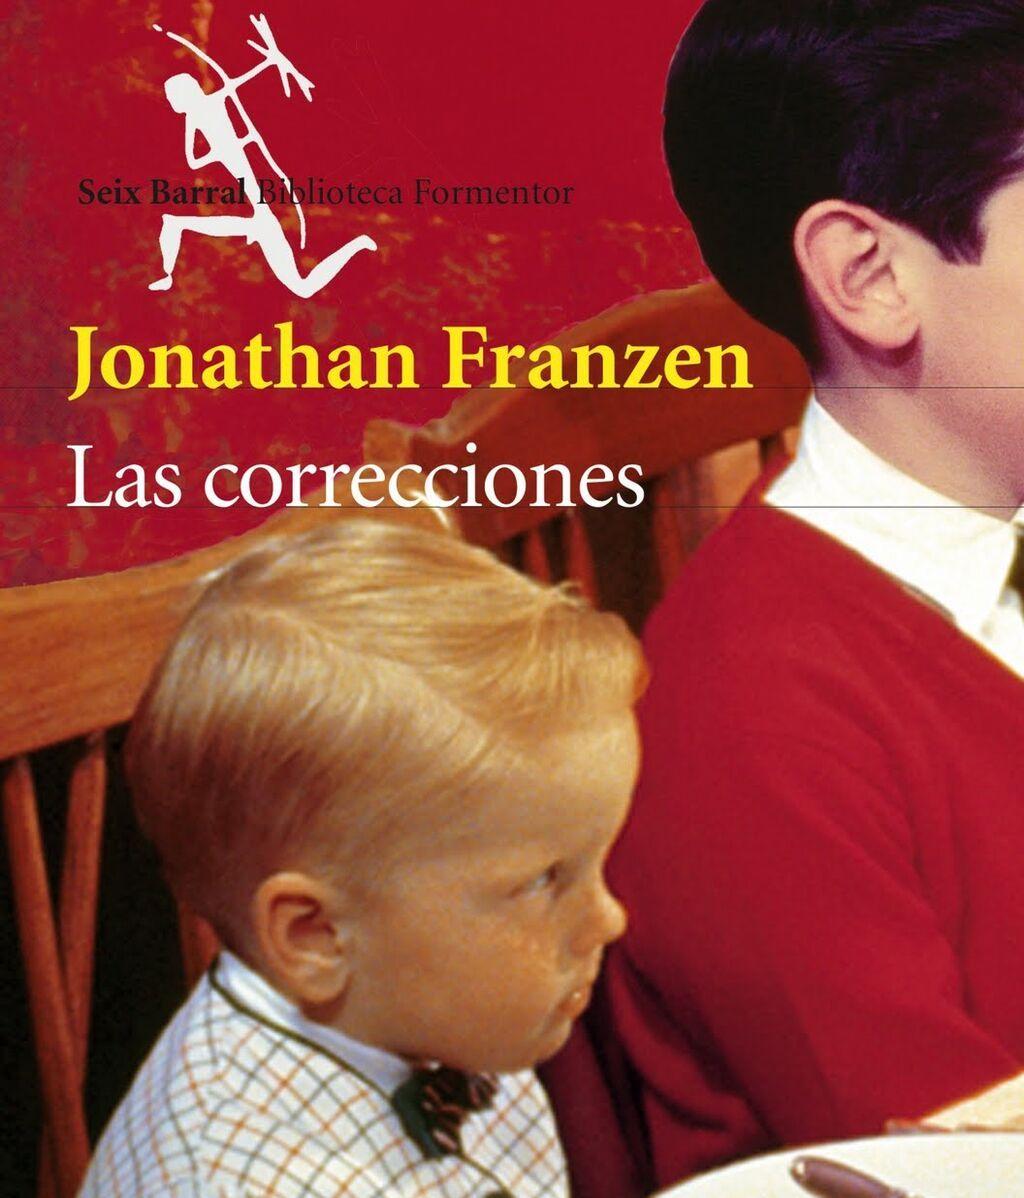 Las correcciones - Jonathan Frazen (1)